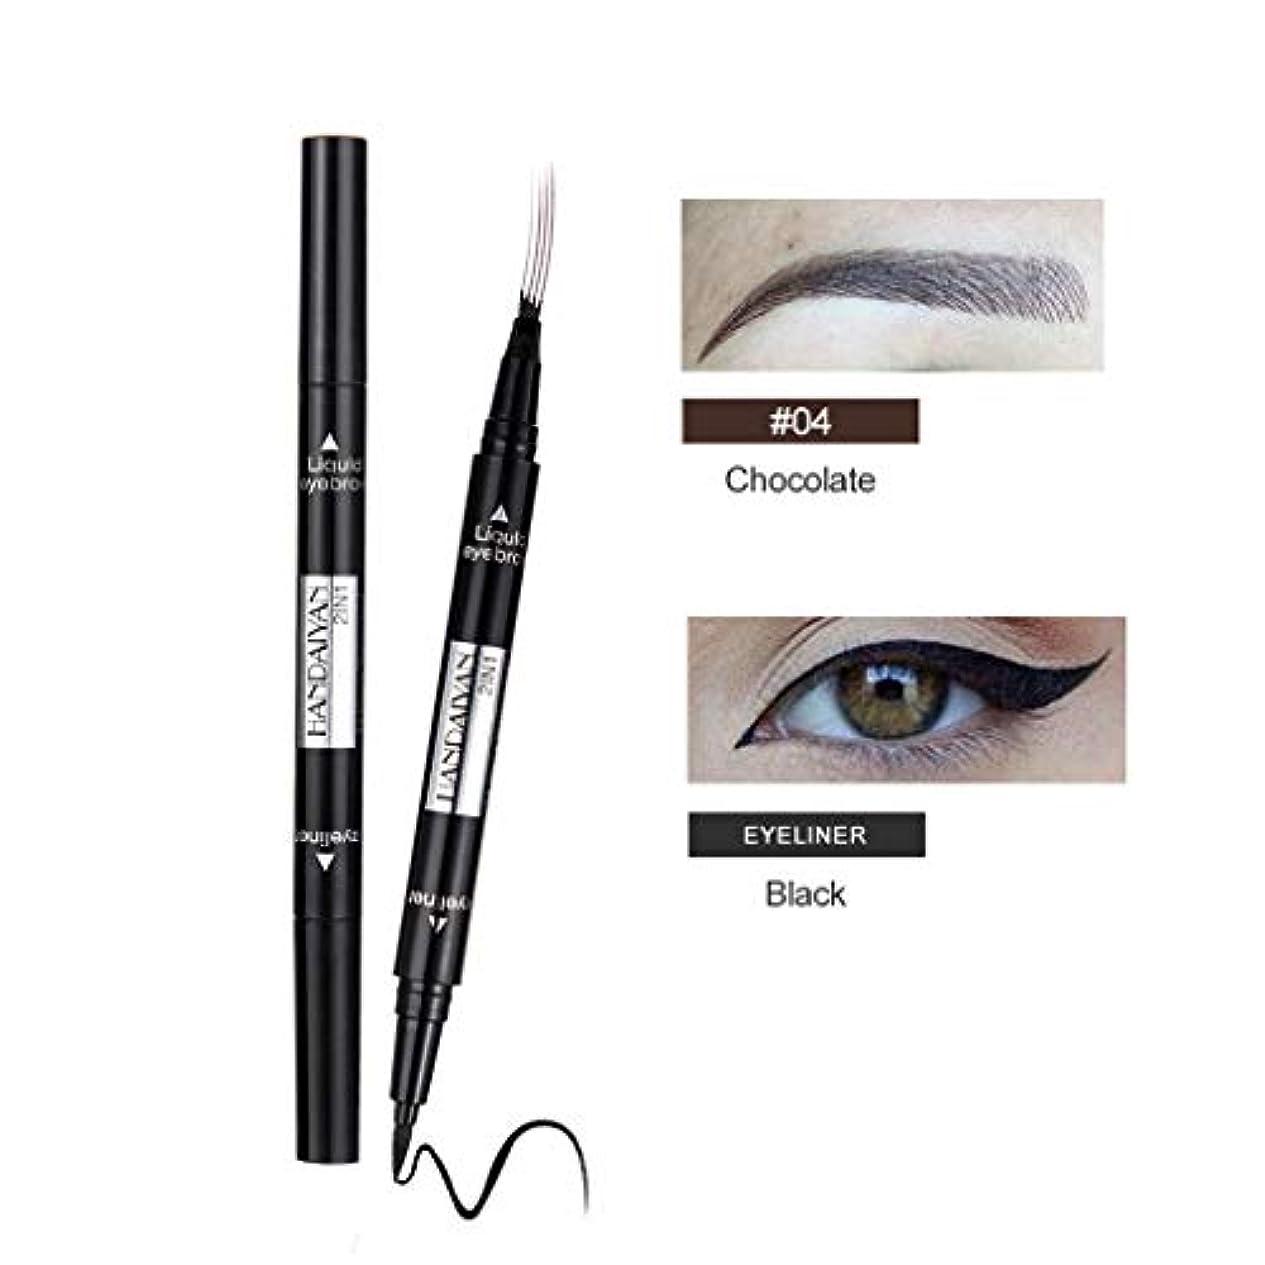 壁誘発するパーク眉毛の入れ墨のペンの防水フォークの先端のスケッチの化粧ペンのMicrobladingインクスケッチ